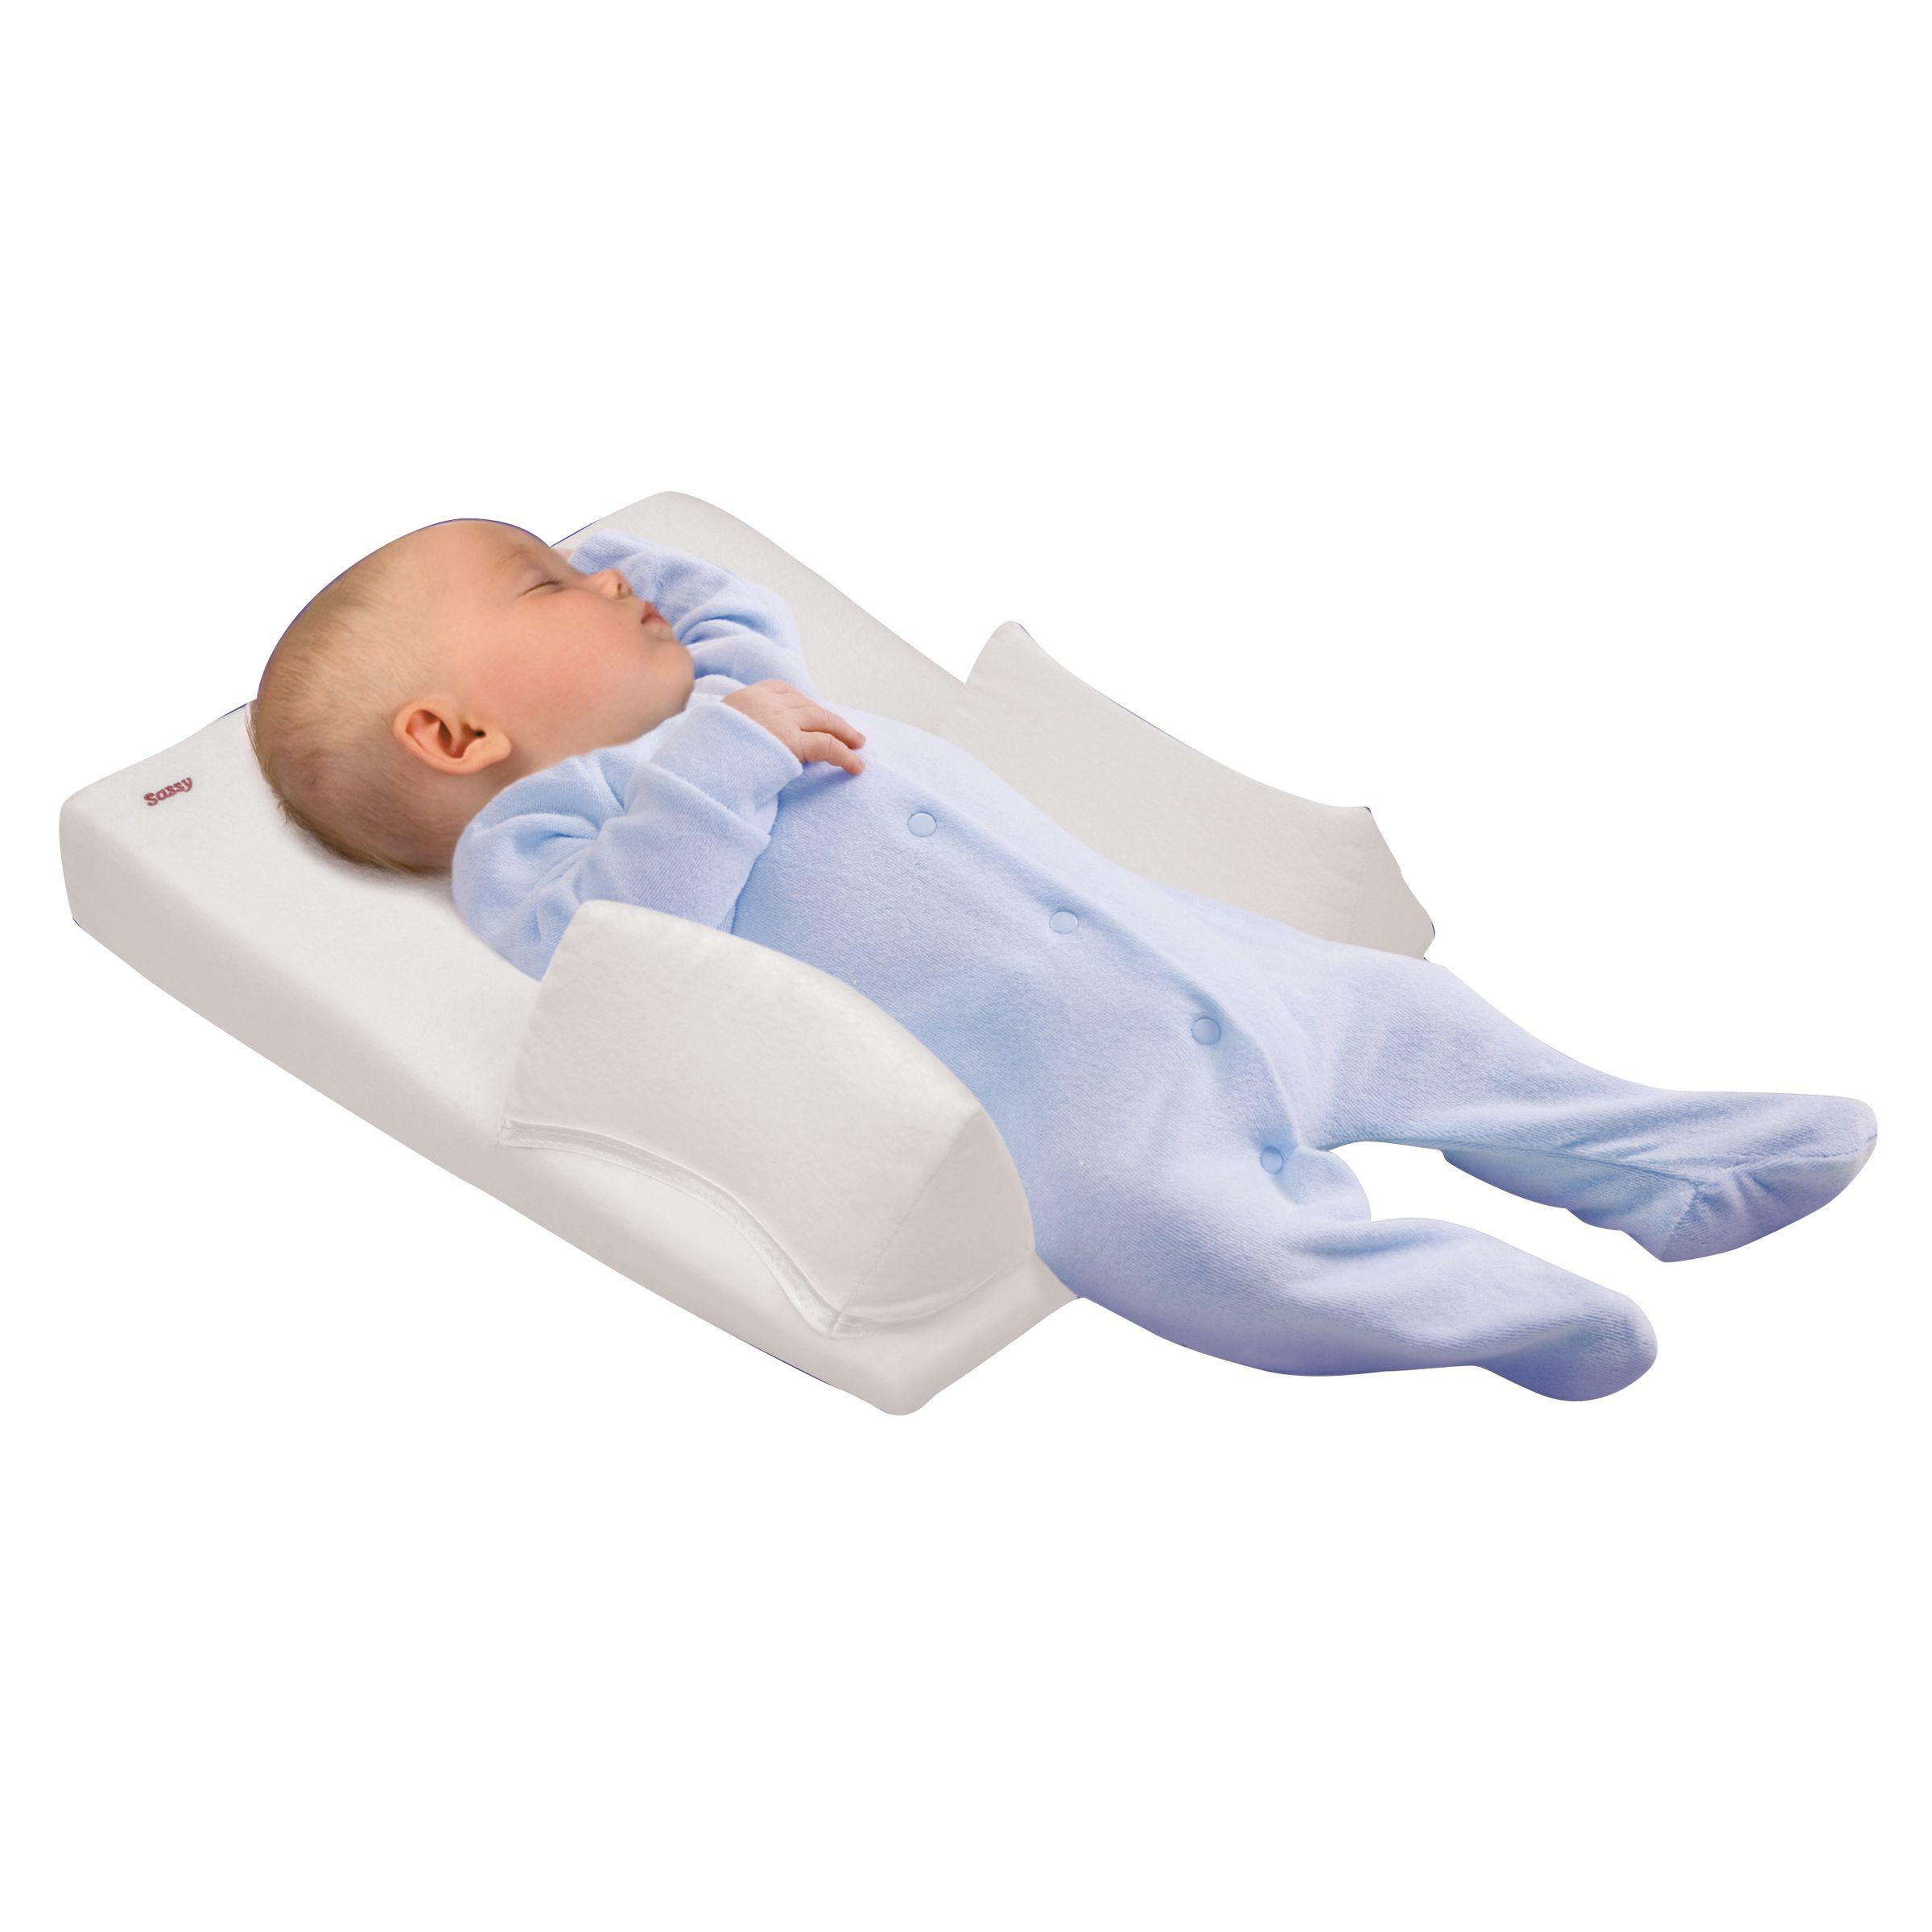 Baby Wedge Pillow Walmart. 84 [ Crib Wedge And Sleep